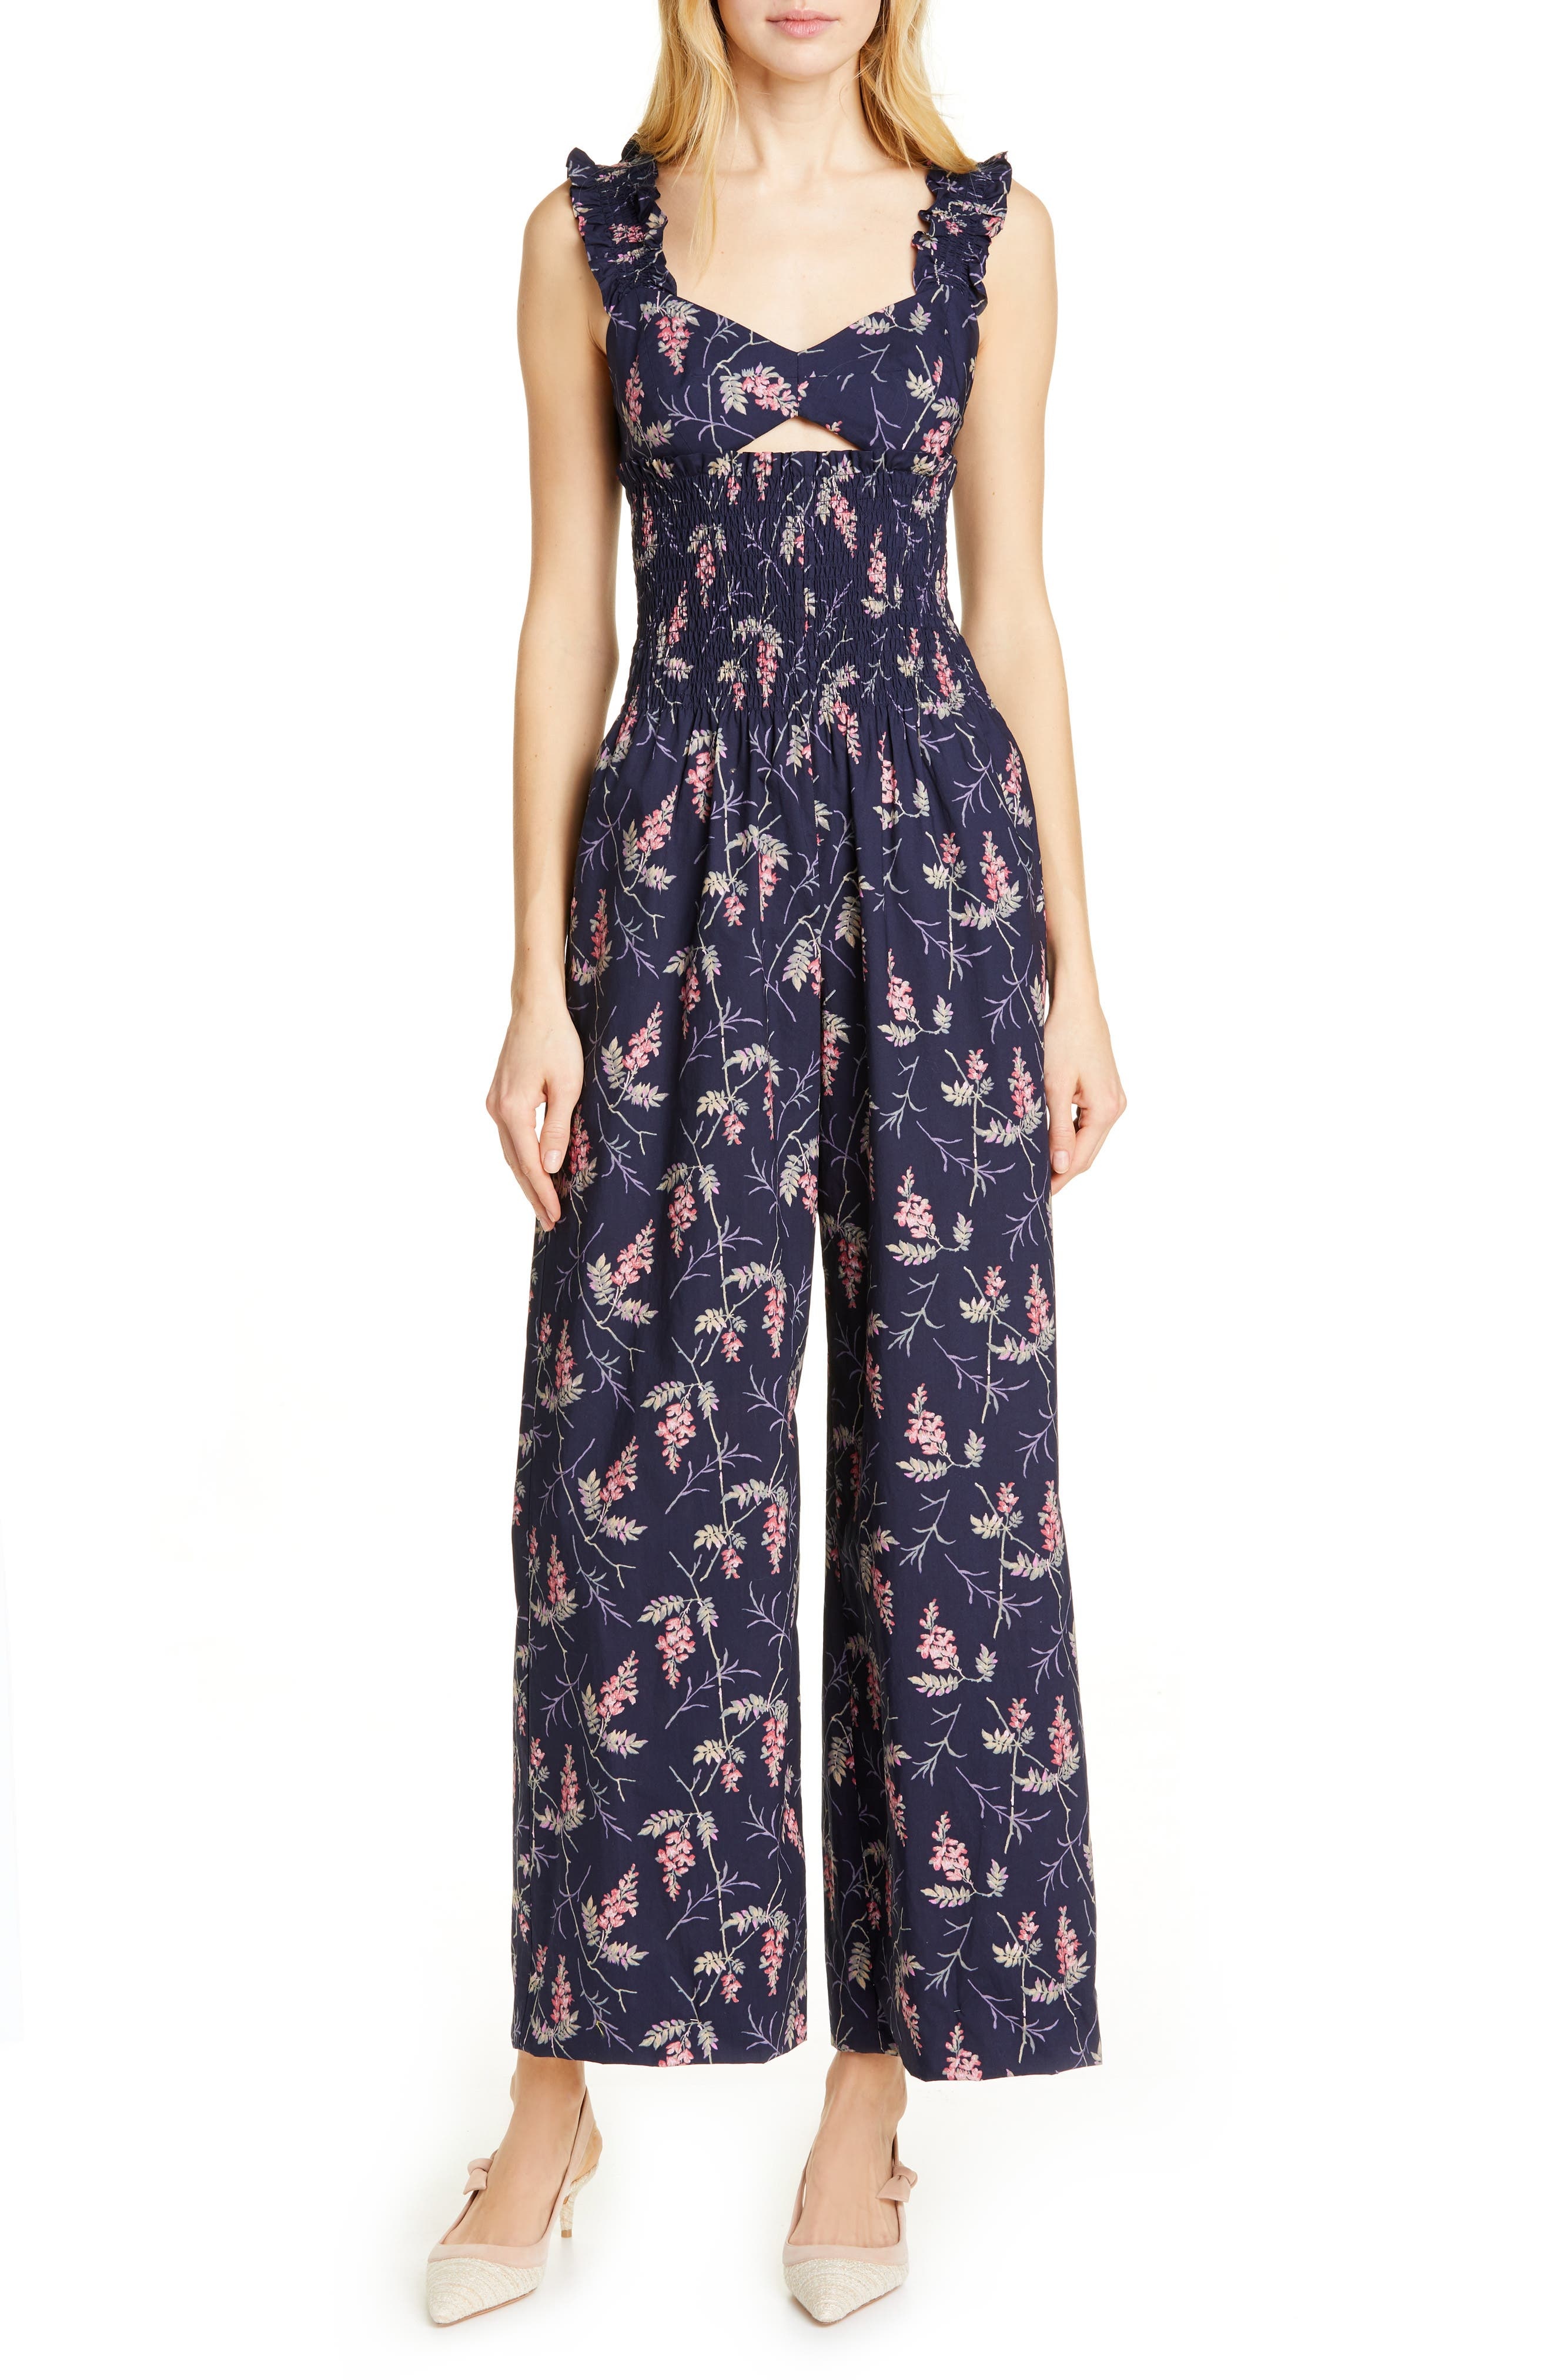 REBECCA TAYLOR, Ivie Floral Cotton Jumpsuit, Main thumbnail 1, color, NAVY COMBO